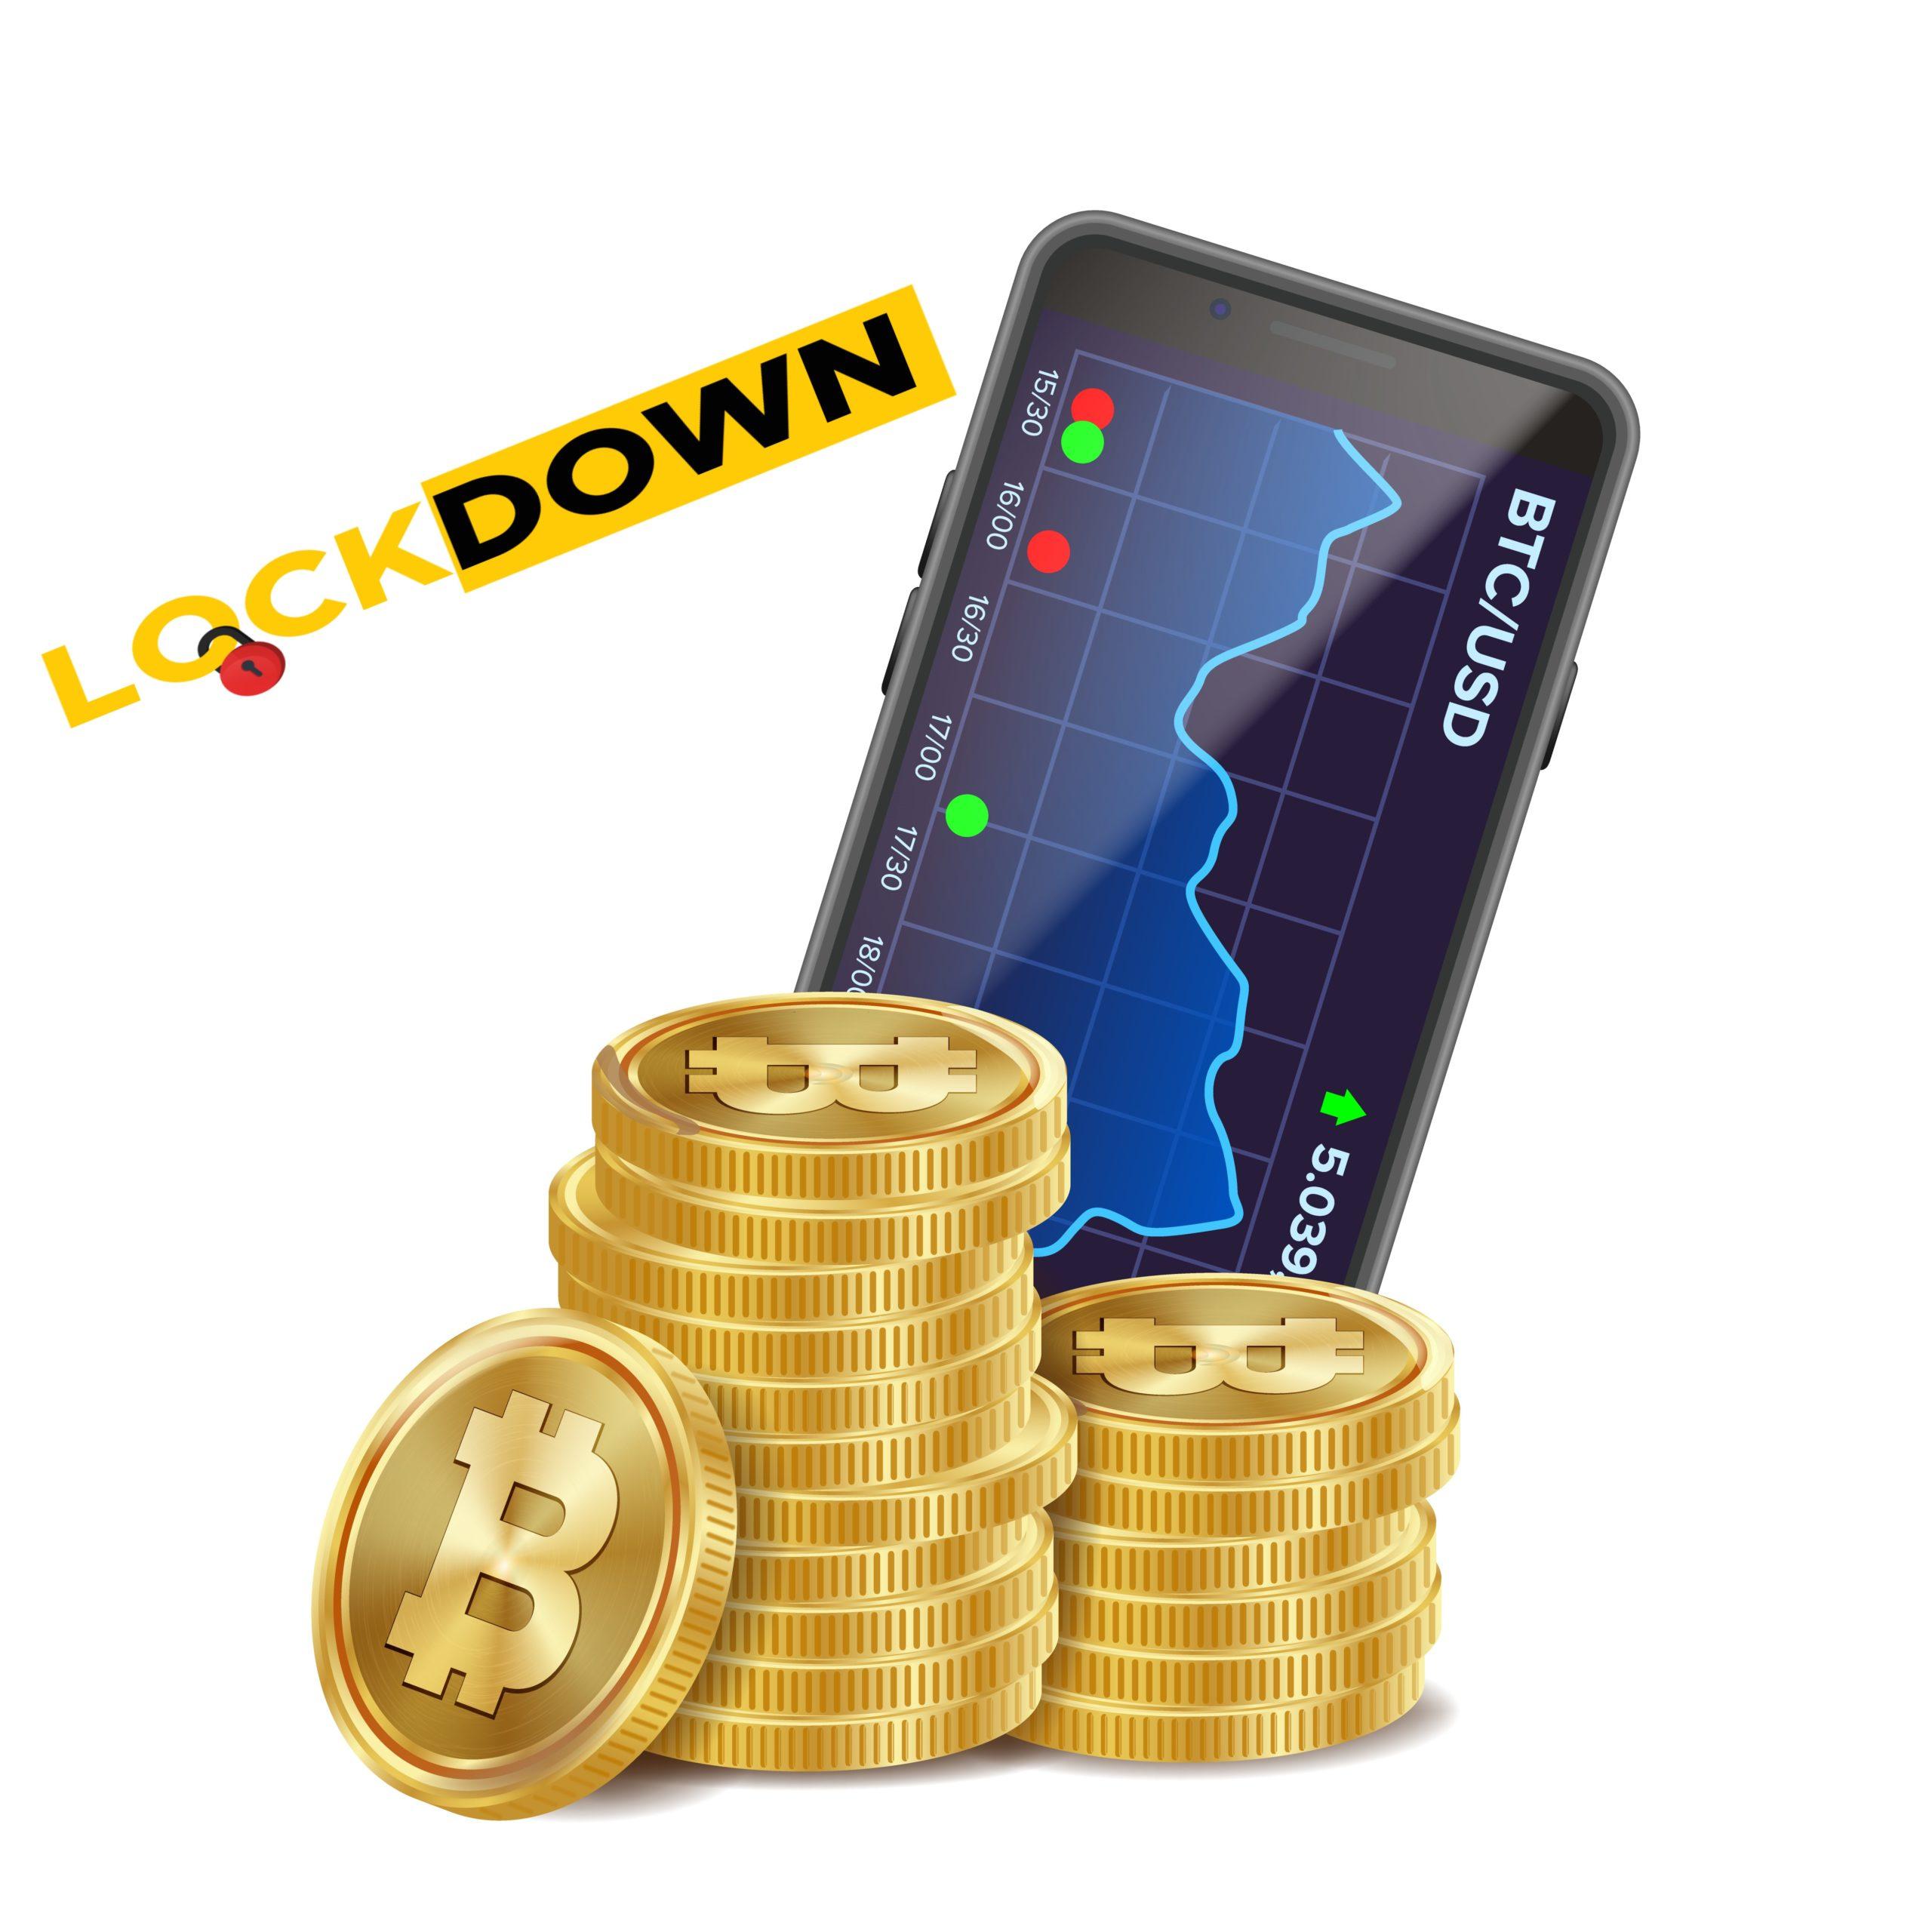 bitcoin-lockdown-zweite-welle-kurs-sinkt-nicht